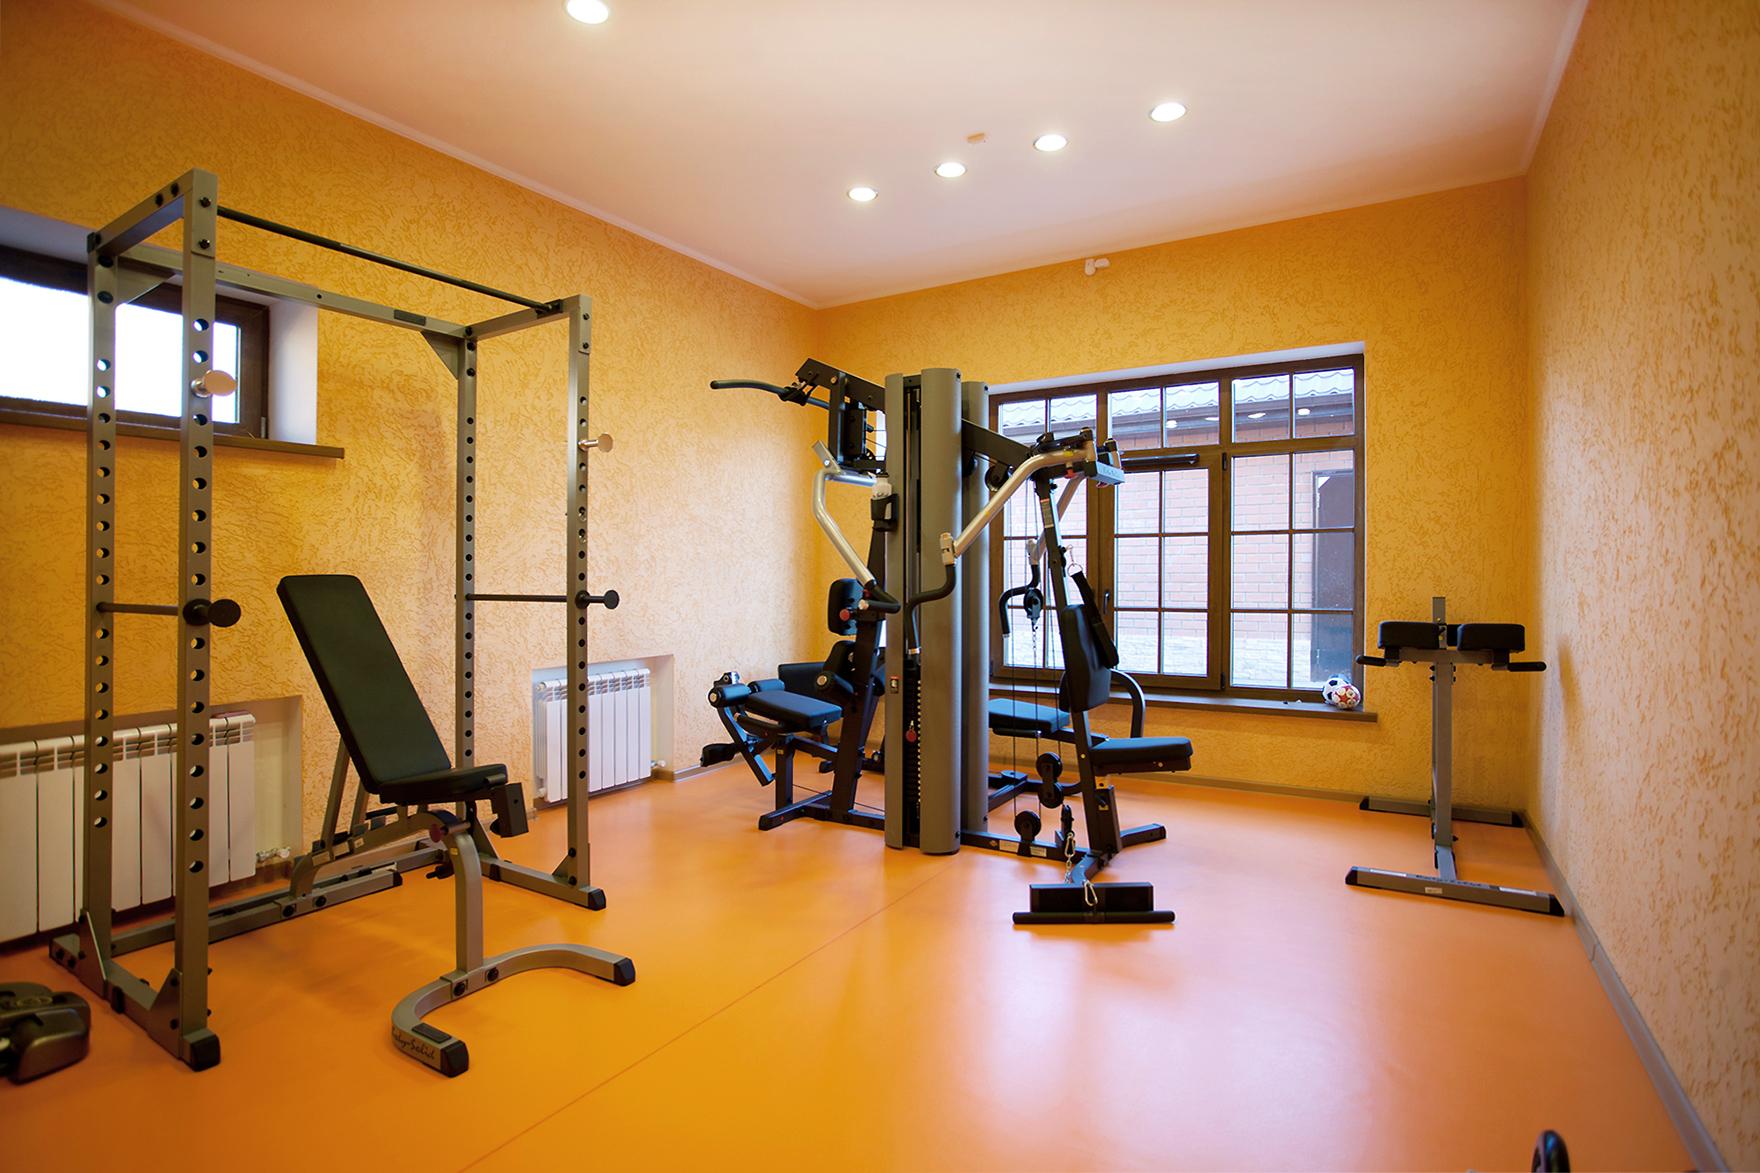 Загородный дом «», домашний спортзал, фото из проекта